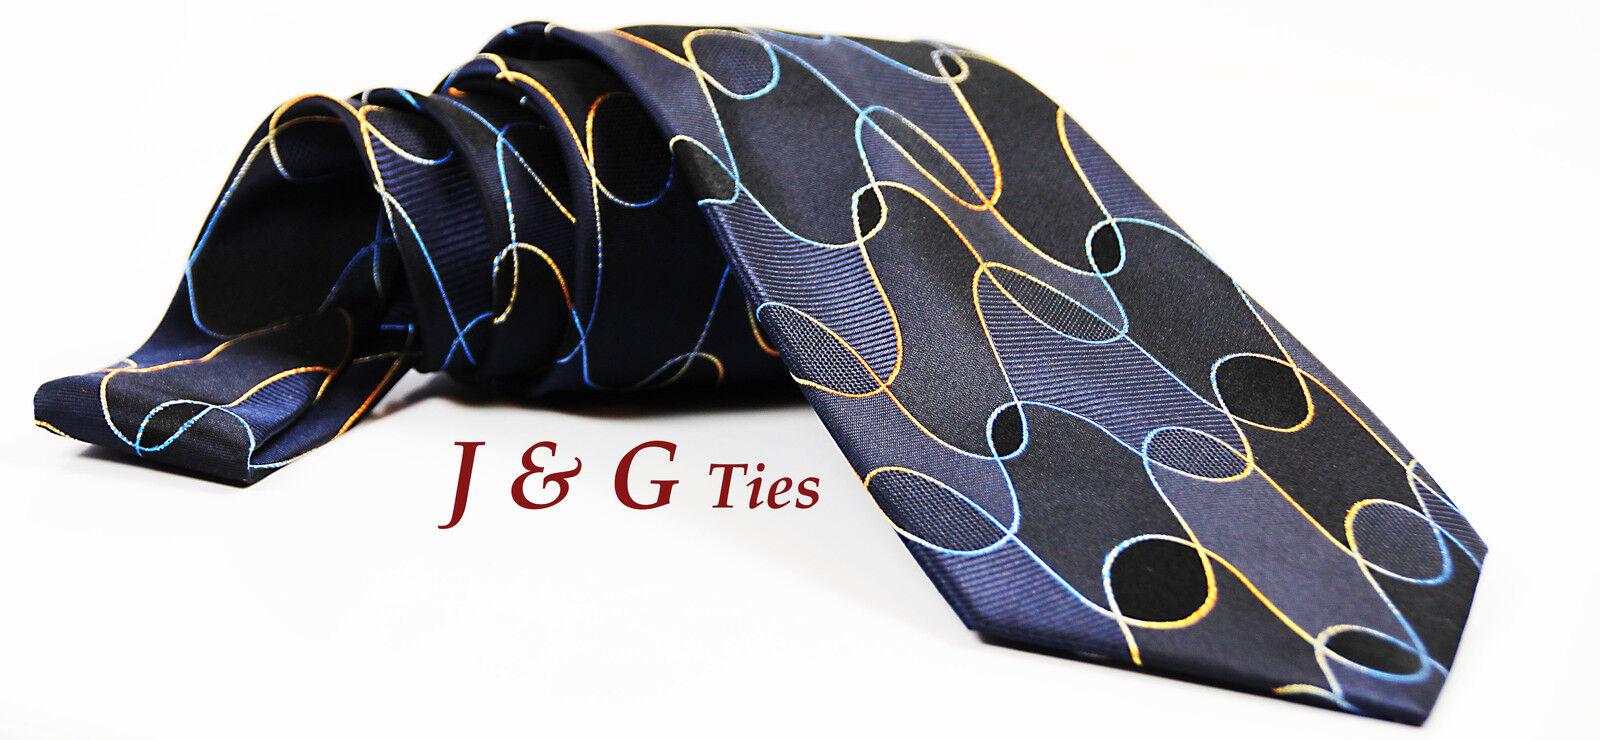 J & G Ties